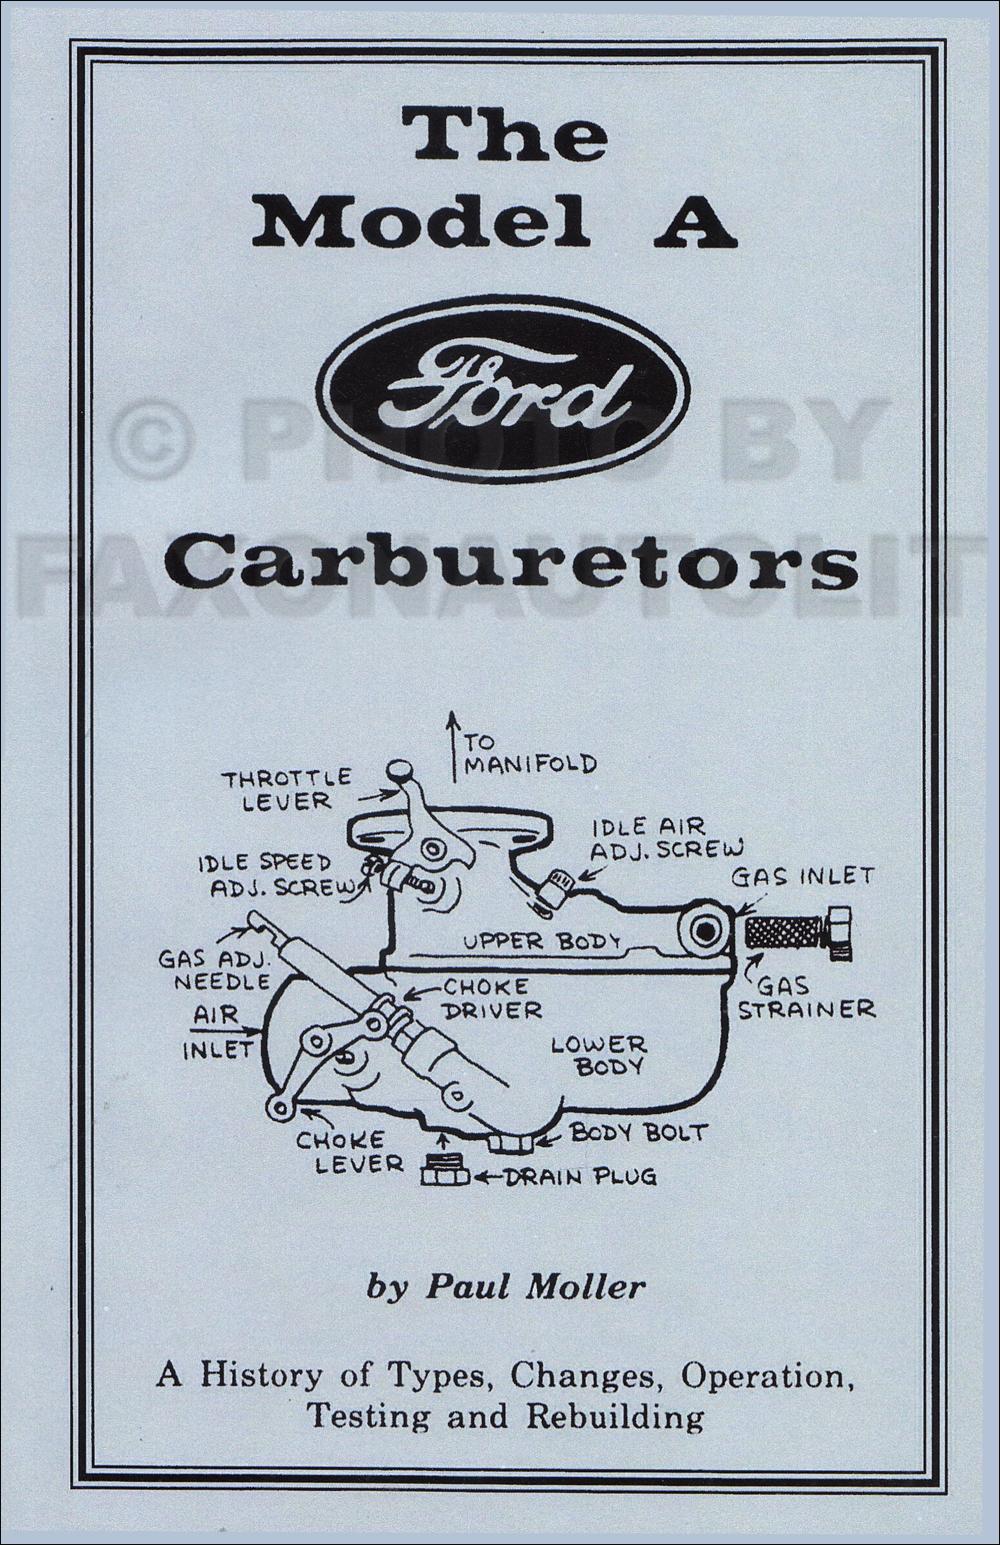 1928-1931 Ford Model A Reprint Carburetor Manual